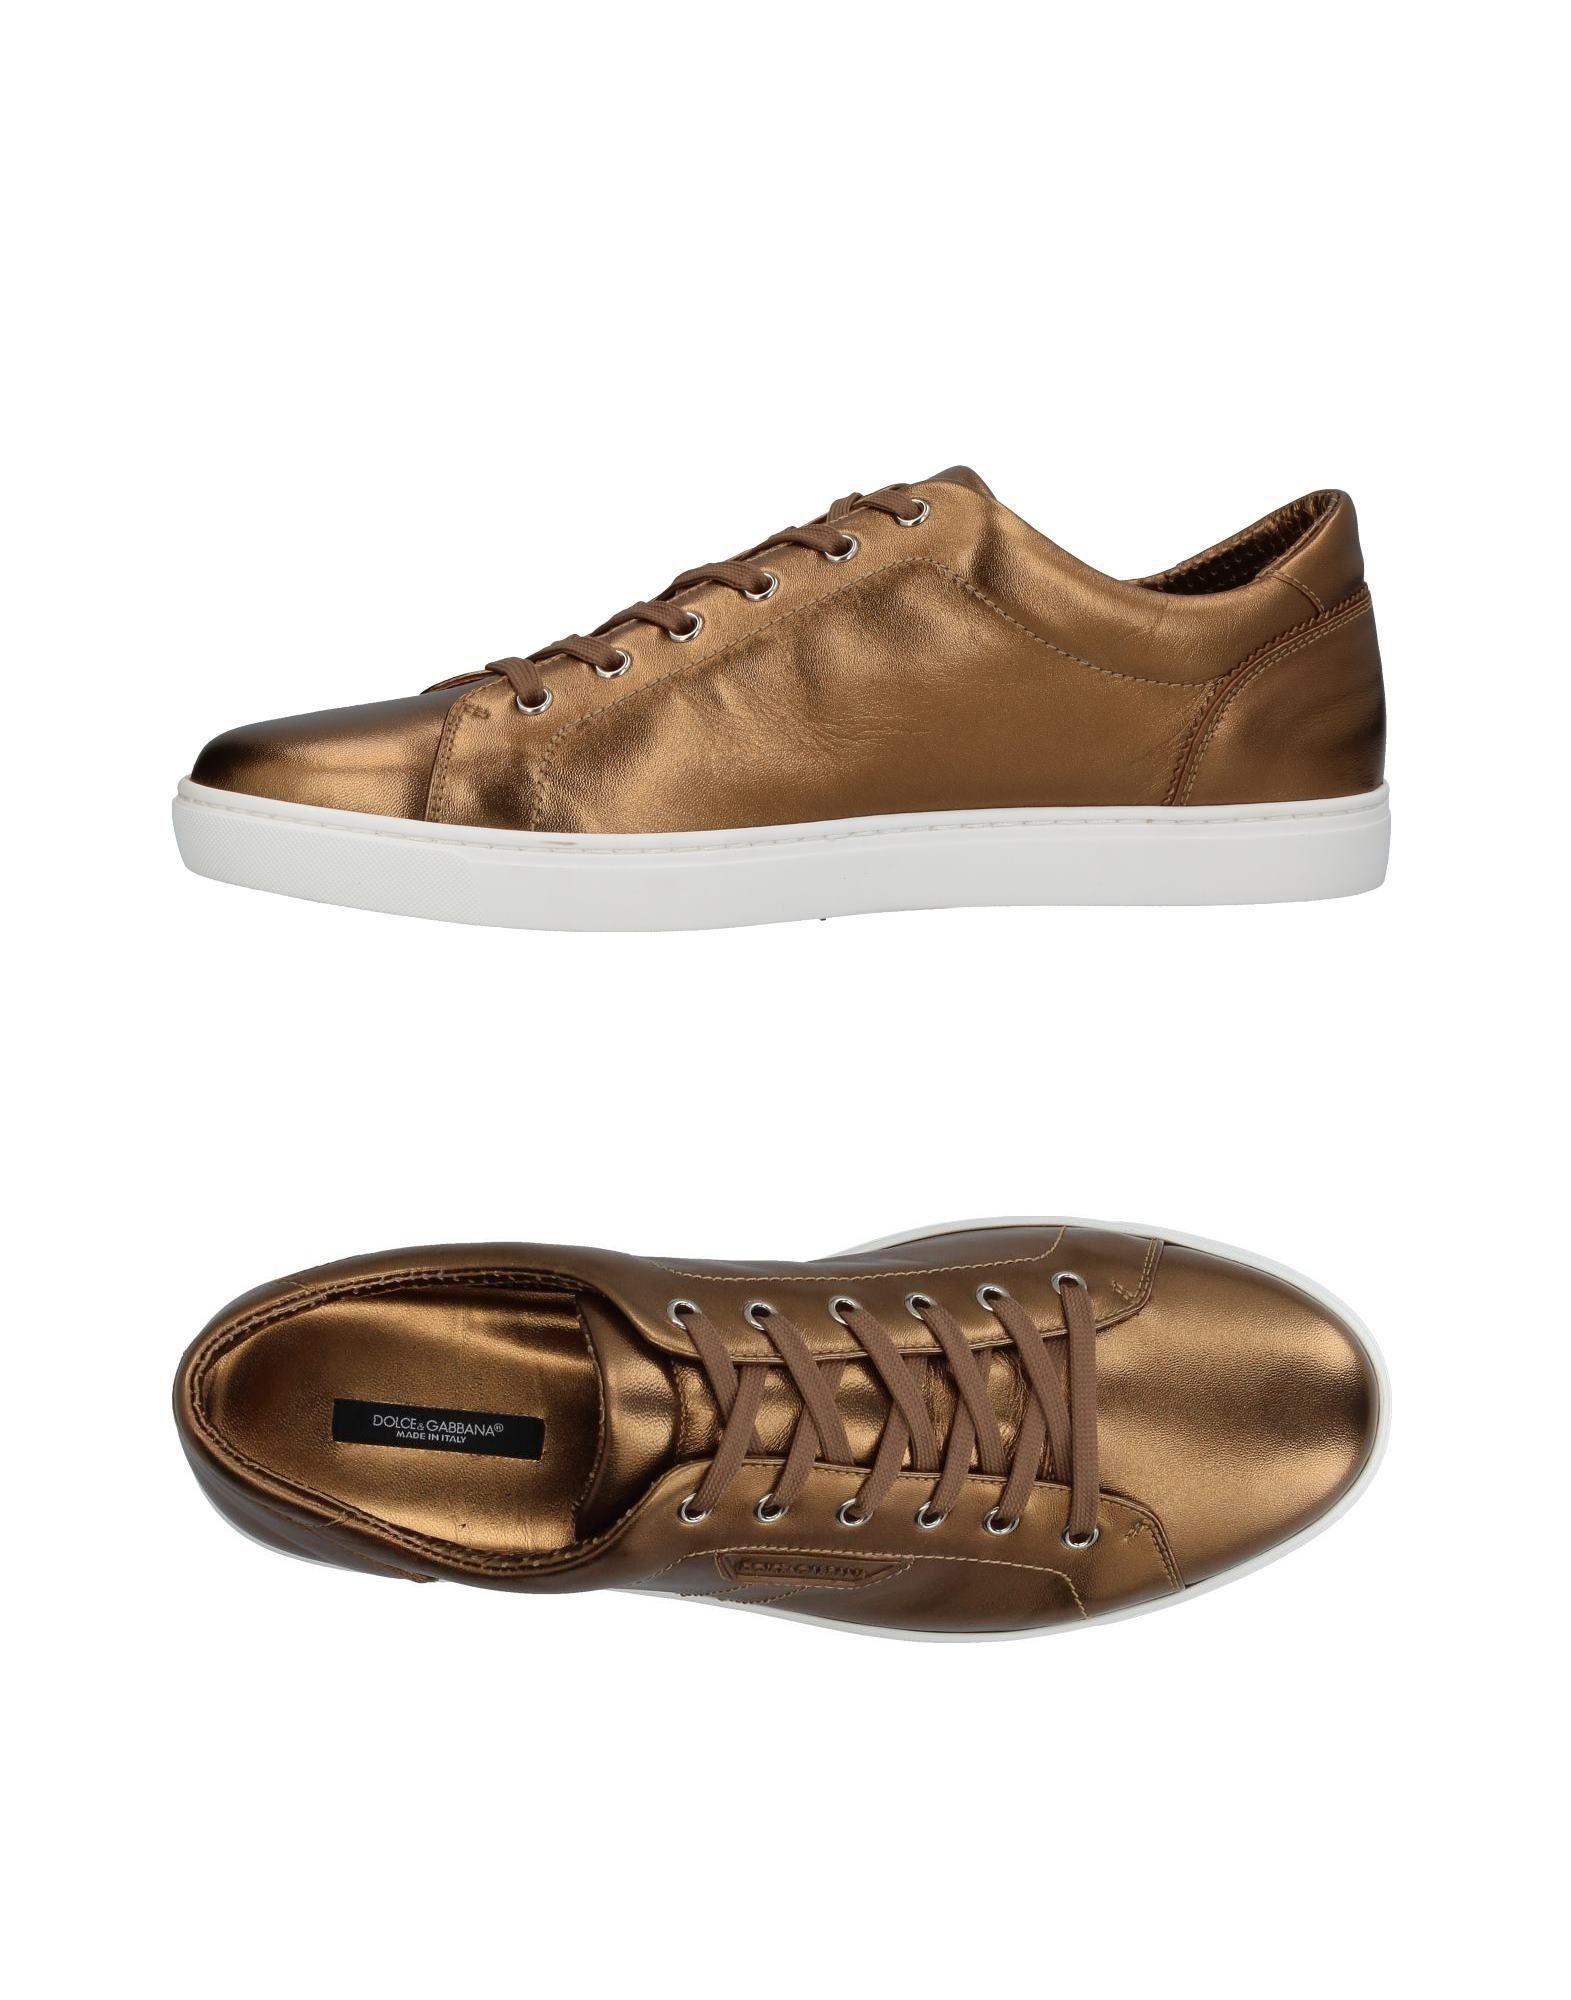 Dolce & Gabbana Sneakers - Men Dolce & Gabbana Sneakers - online on  Australia - Sneakers 11375486AS 7cbdaa